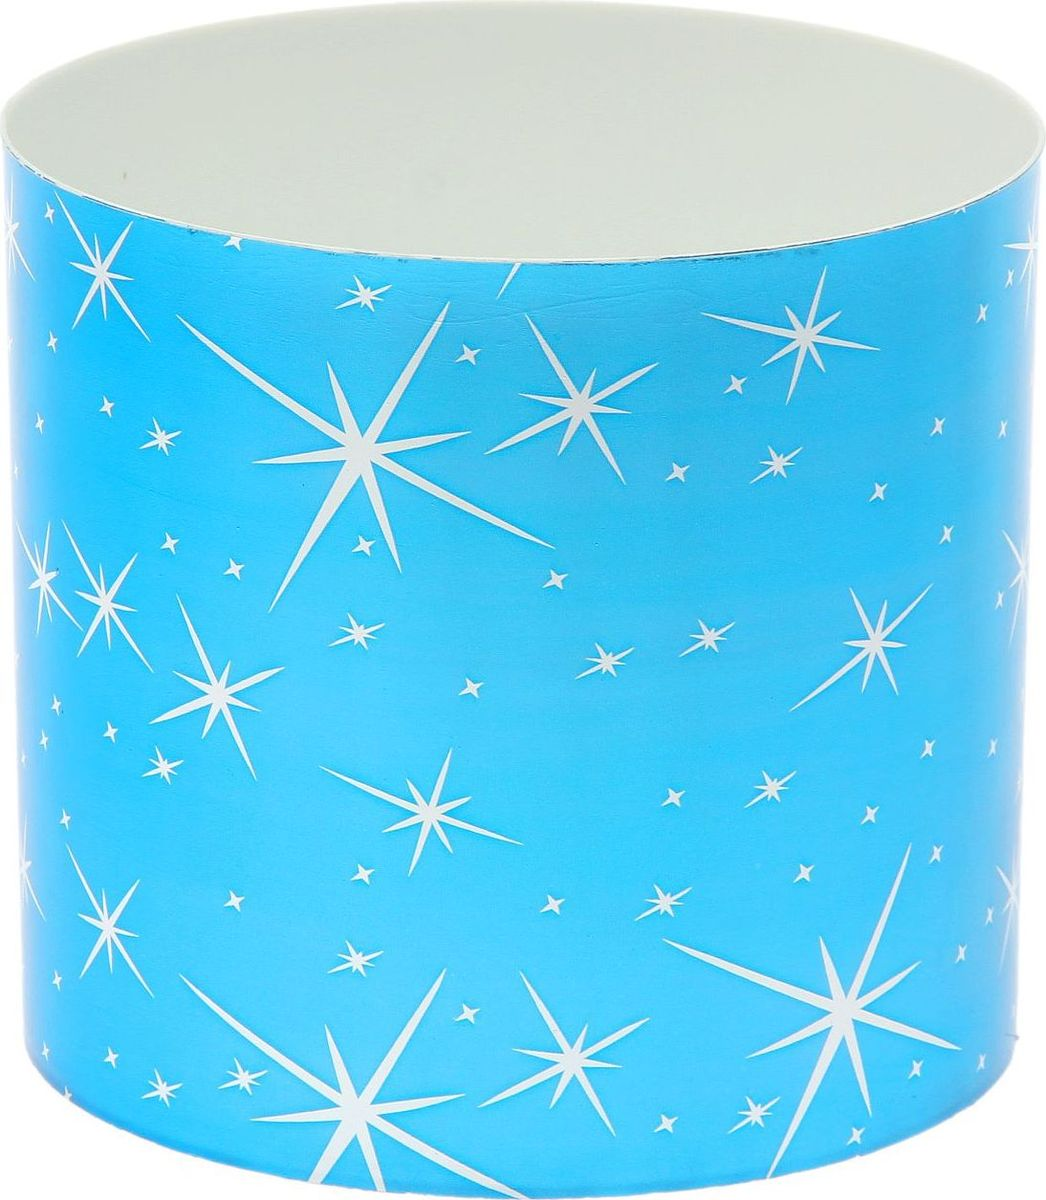 Горшок для цветов Simple Garden Звезды, со скрытым поддоном, цвет: голубой металлик, 2,8 л1915387Каждому хозяину периодически приходит мысль обновить свою квартиру, сделать ремонт, перестановку или кардинально поменять внешний вид каждой комнаты. Пластиковый горшок со скрытым поддоном Simple Garden Звезды - привлекательная деталь, которая поможет воплотить вашу интерьерную идею, создать неповторимую атмосферу в вашем доме. Окружите себя приятными мелочами, пусть они радуют глаз и дарят гармонию.